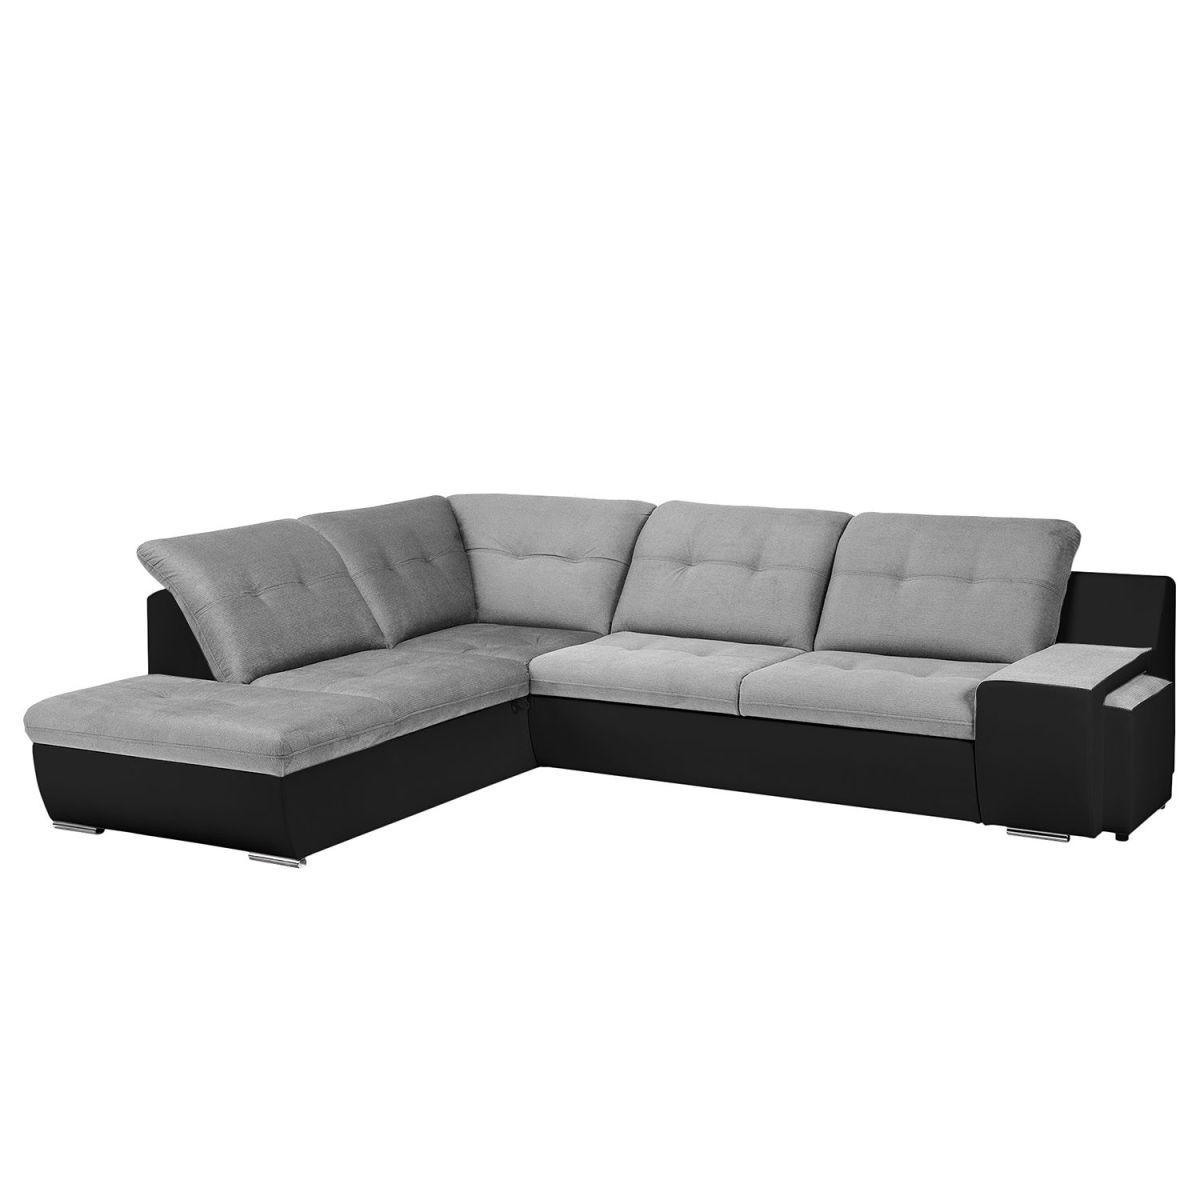 Gewaltig Sofa Mit Ottomane Und Schlaffunktion Beste Wahl Ecksofa New Rockford I Kunstleder/microfaser - -